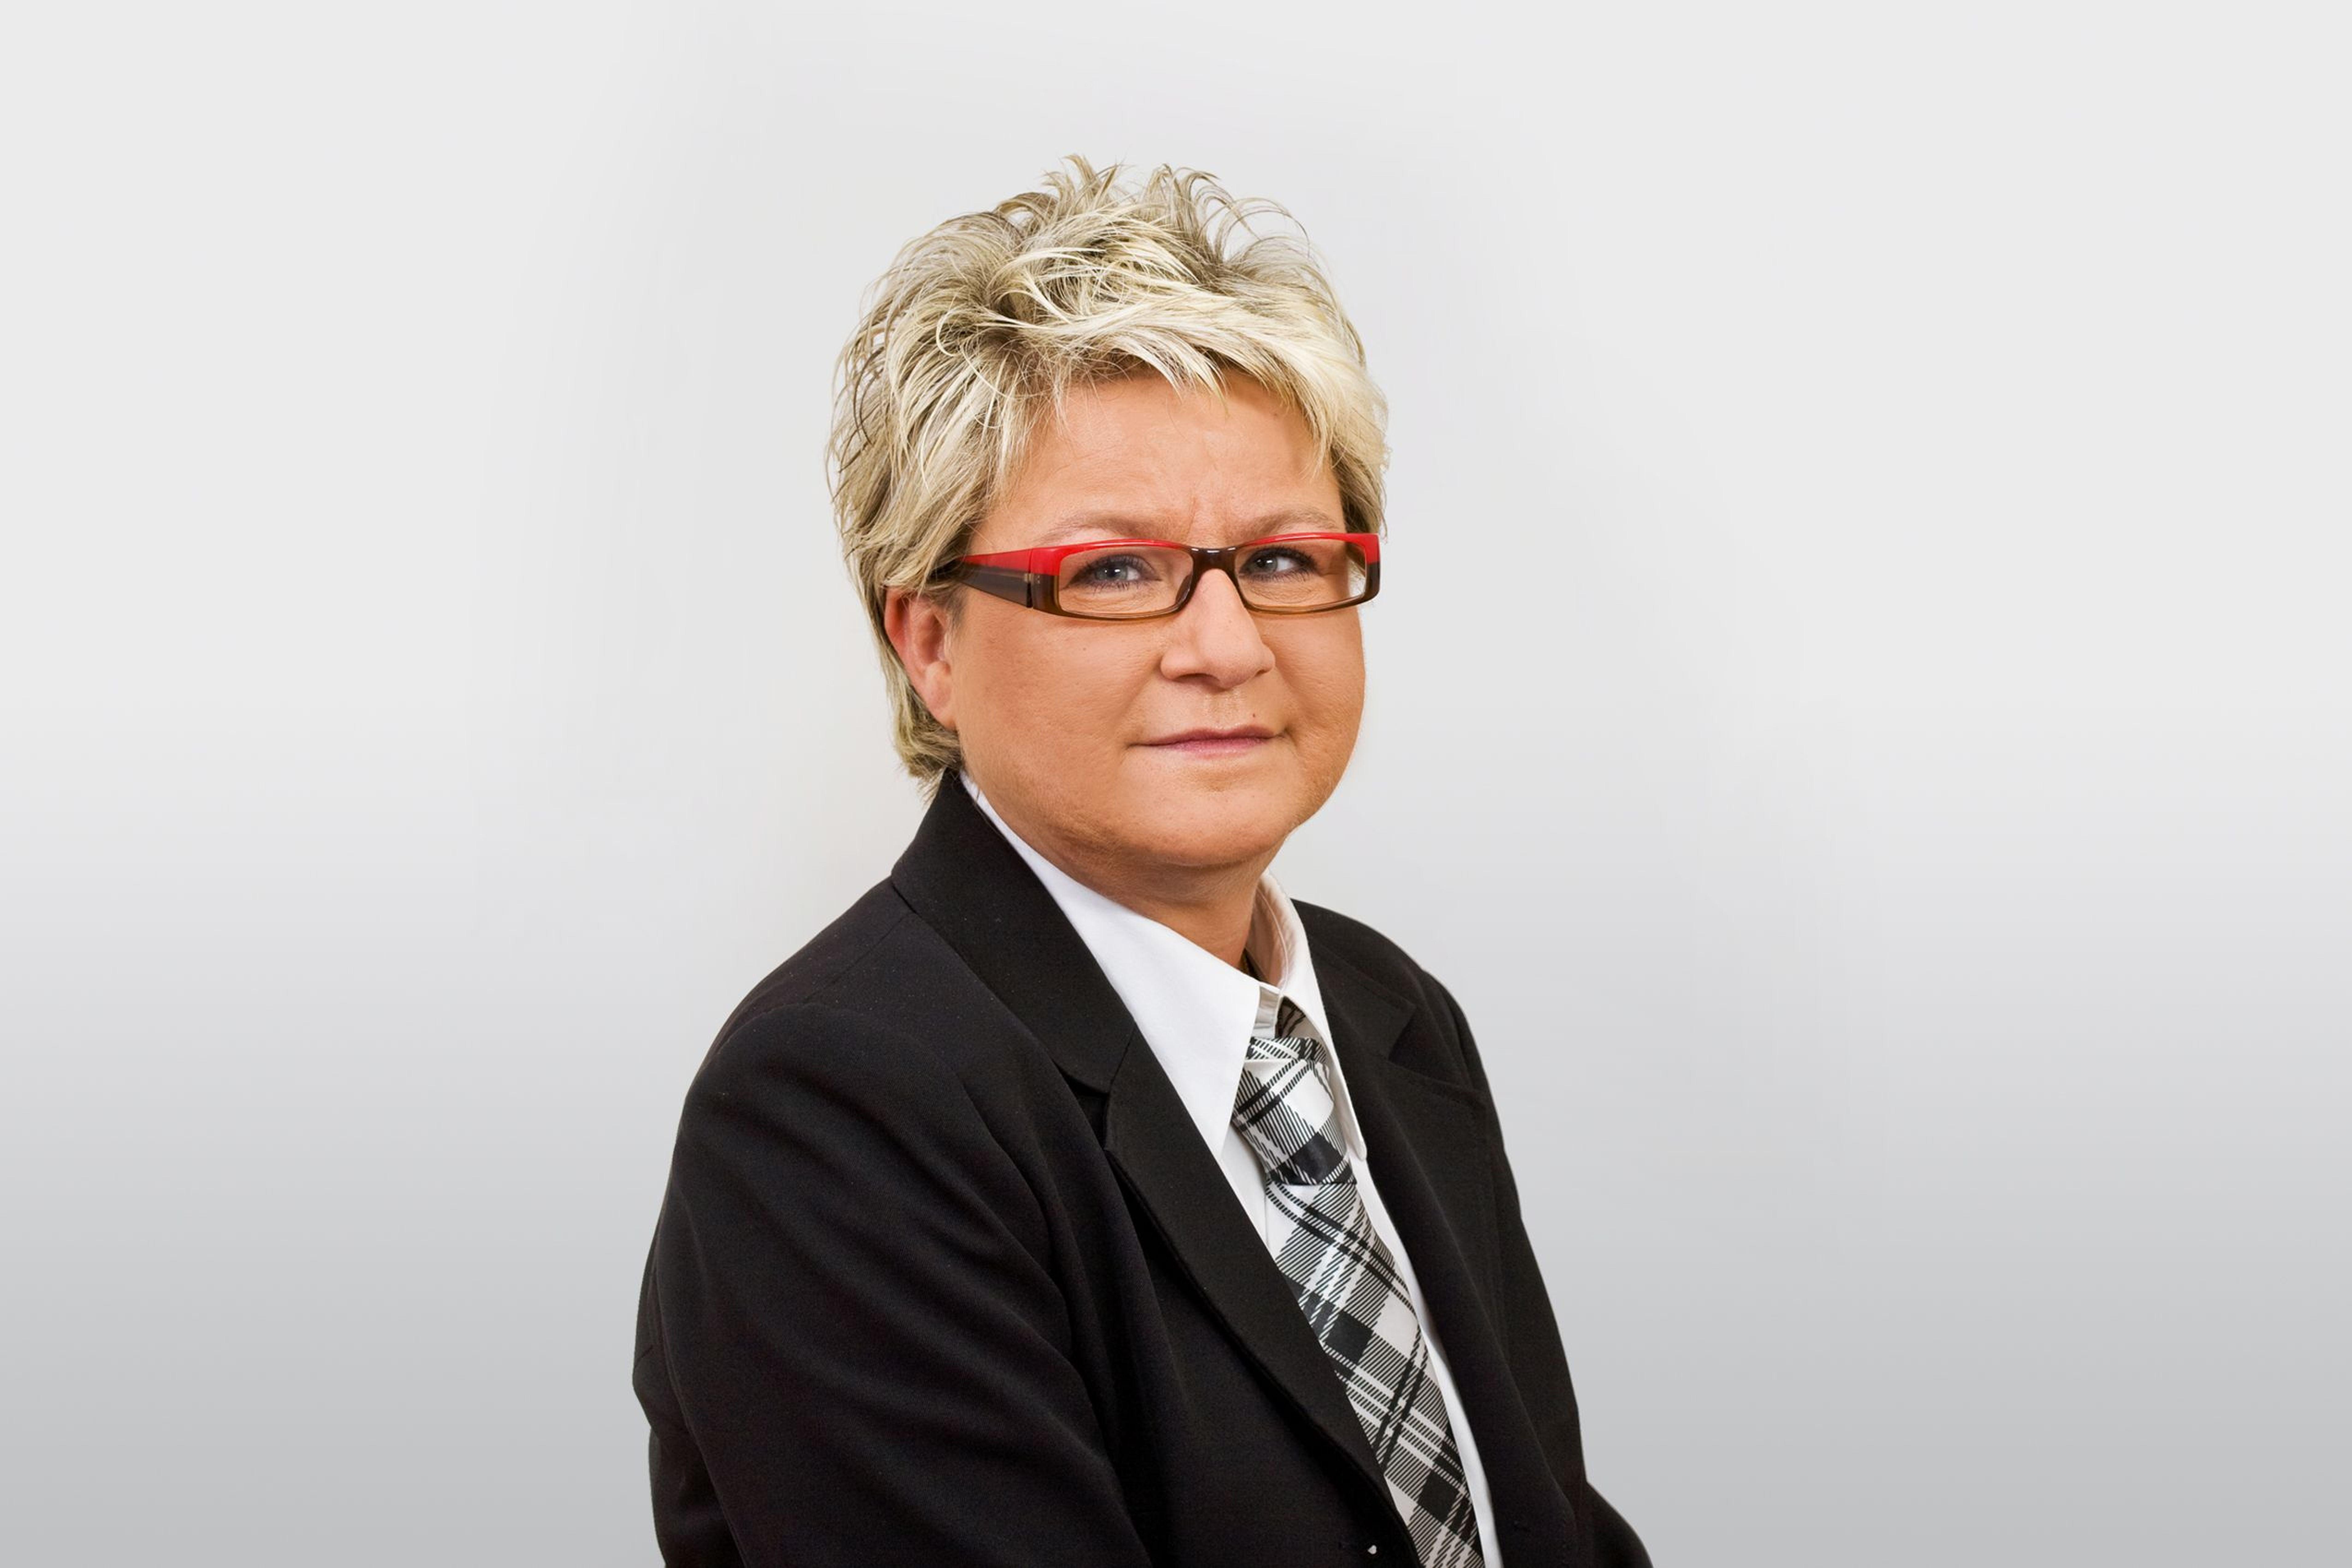 Anja Fischbeck, Ingenieurin bei Bormann & Neupert by BS&B